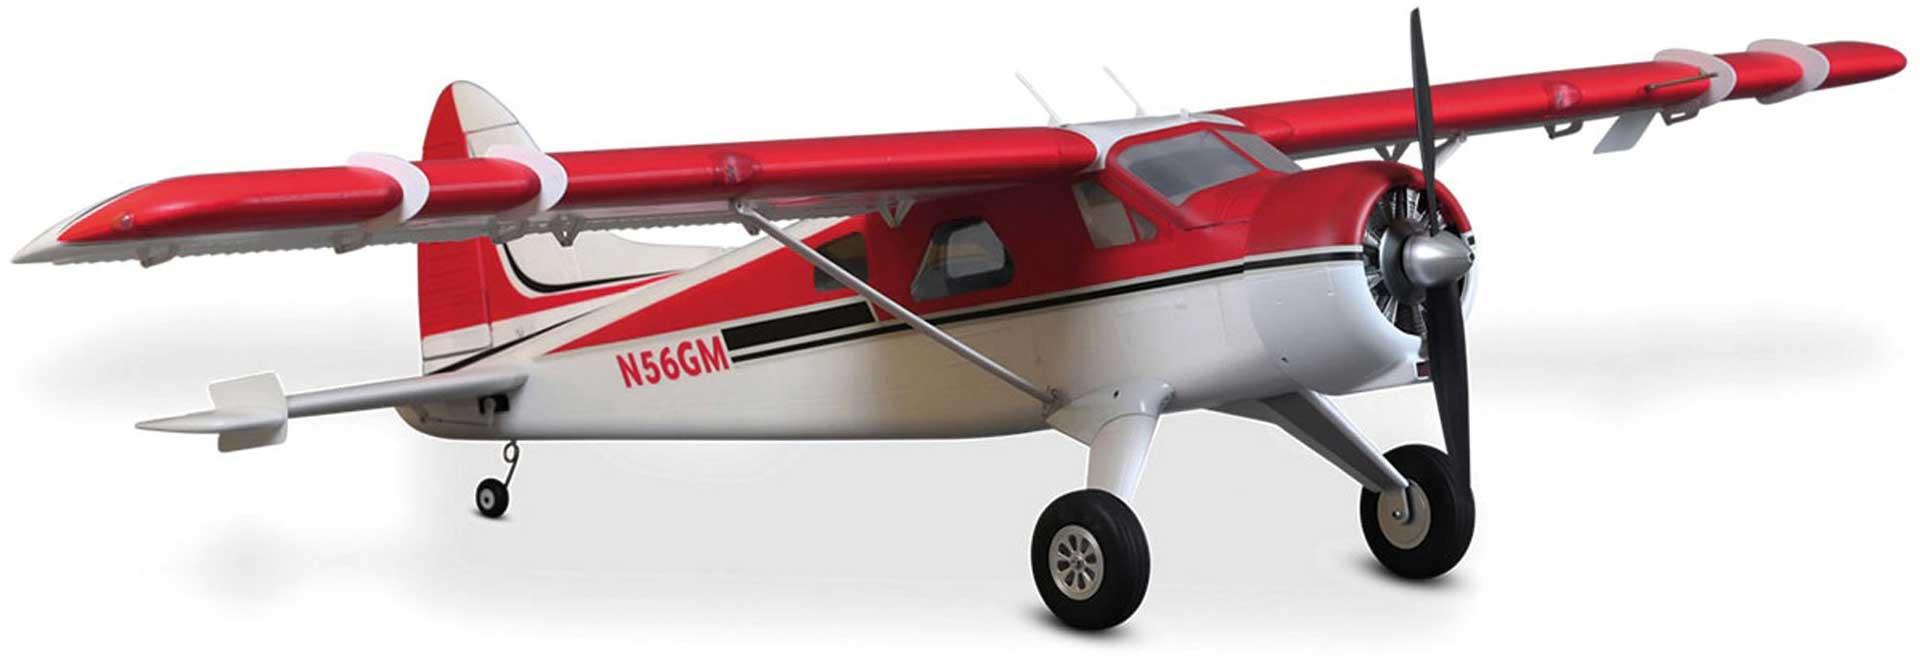 FMS Beaver V2 PNP - 200 cm - Combo incl. Reflex Gyro System